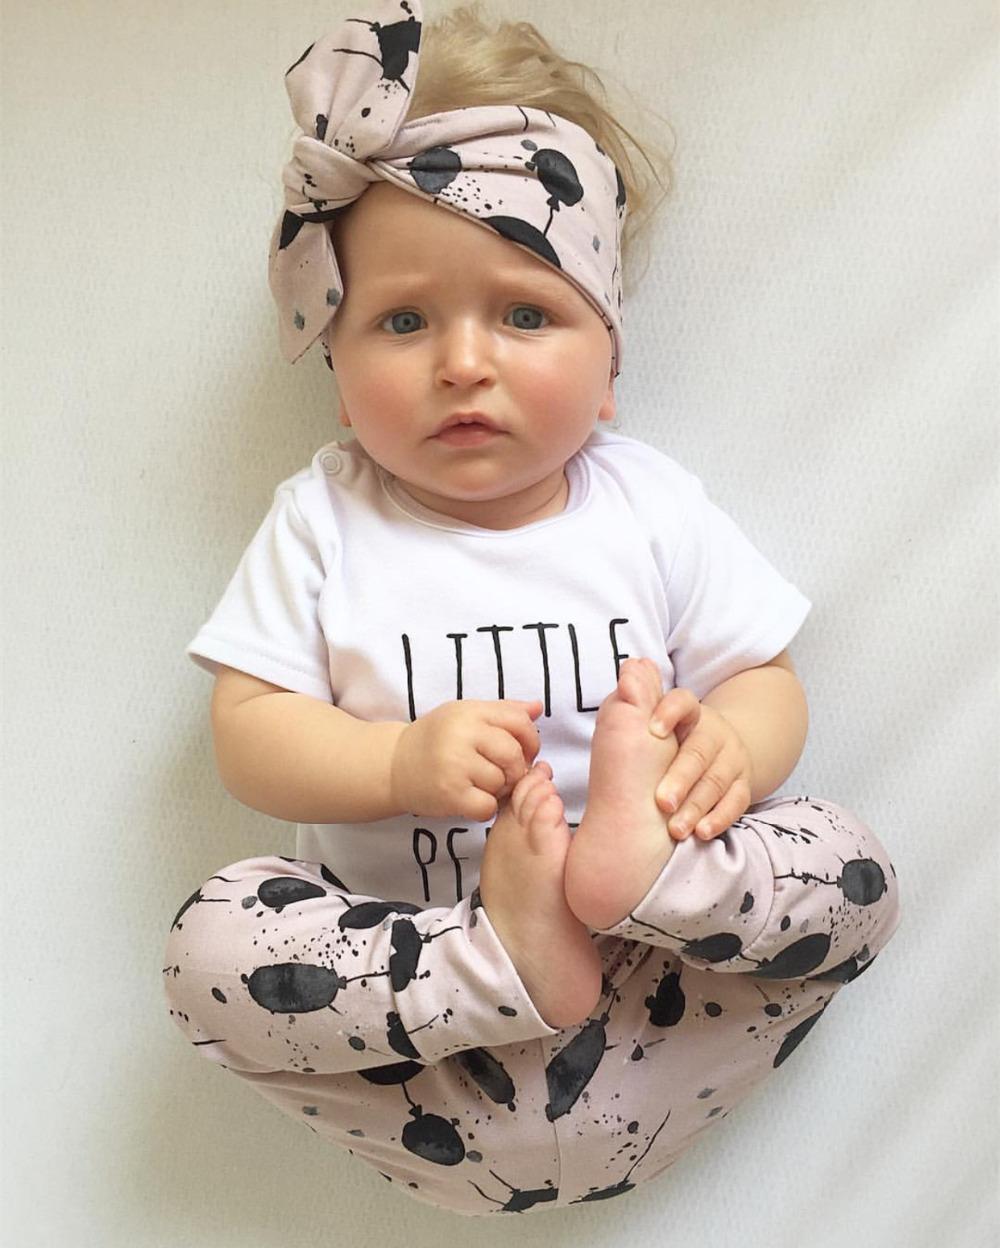 3pcs / Seti Yenidoğan Bebek Kız Giyim Casual Harf Kısa Kollu T-shirt + Balon Baskı Pantolon + Kafa bandı Bebek Yürüyor Giyim 1021 ayarlar